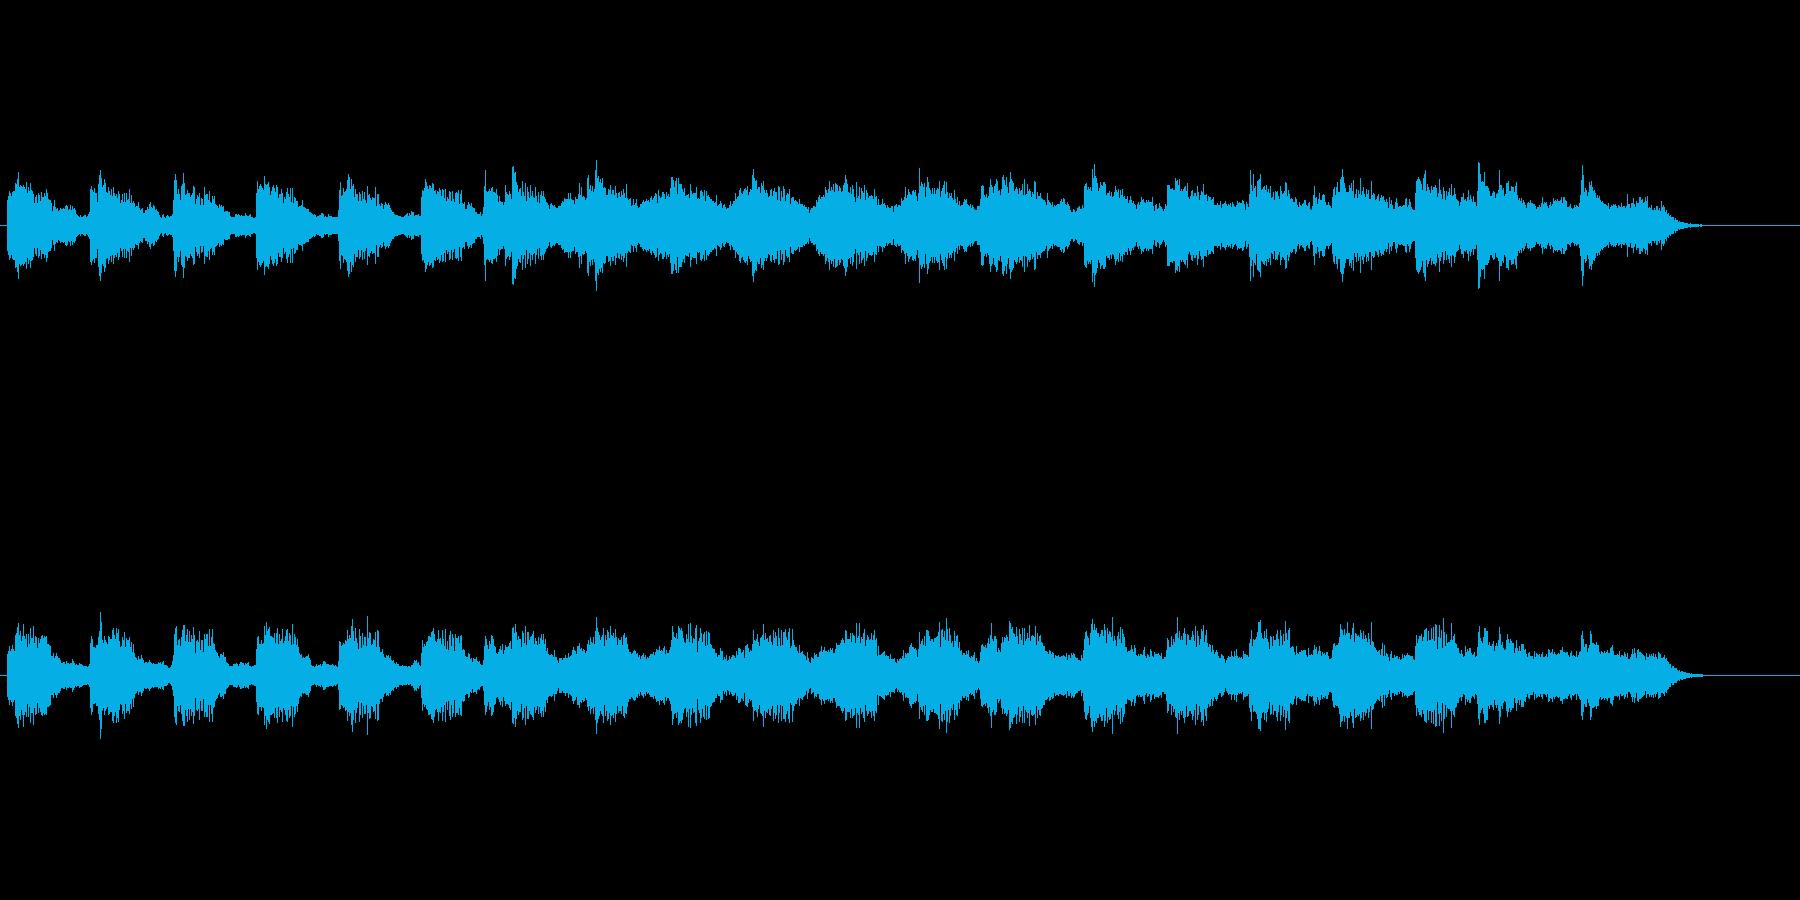 涼味溢れる環境音楽の再生済みの波形